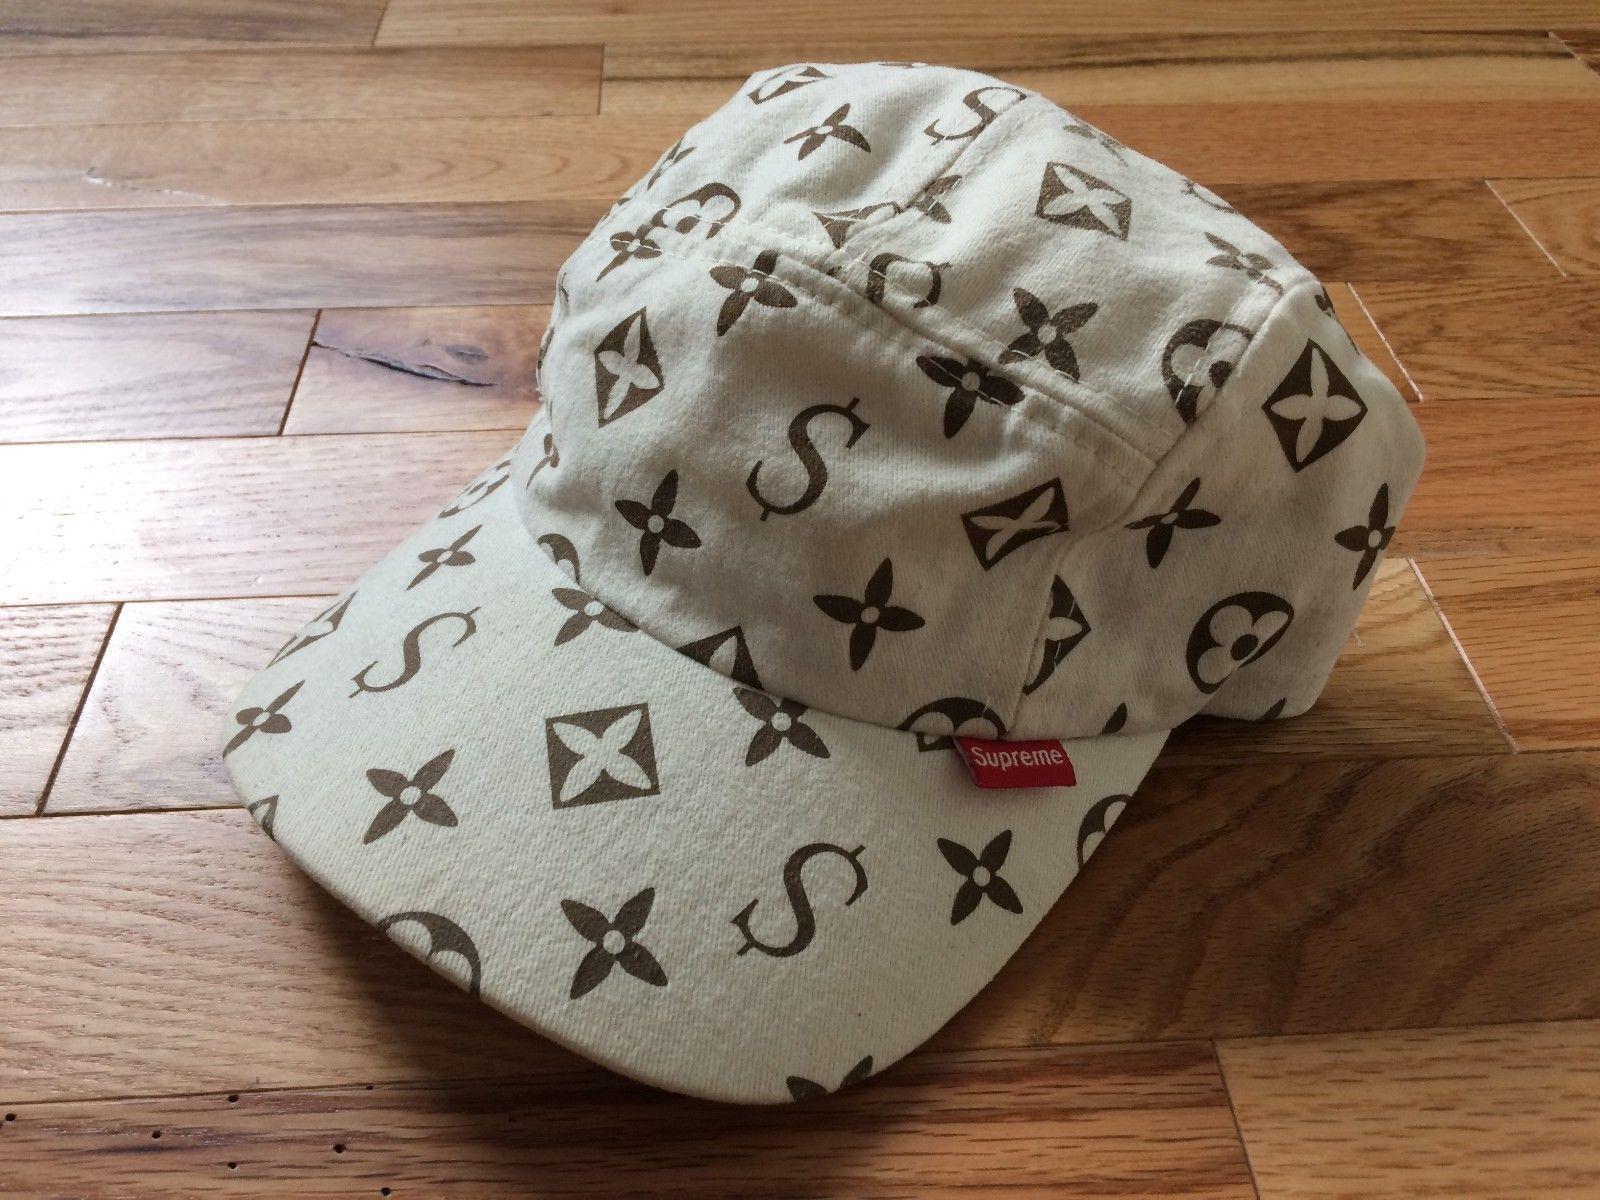 0c48e829a177 Supreme Louis Vuitton Monogram Cap Original Authentic Hat 2000 Box Logo  BrownÂ